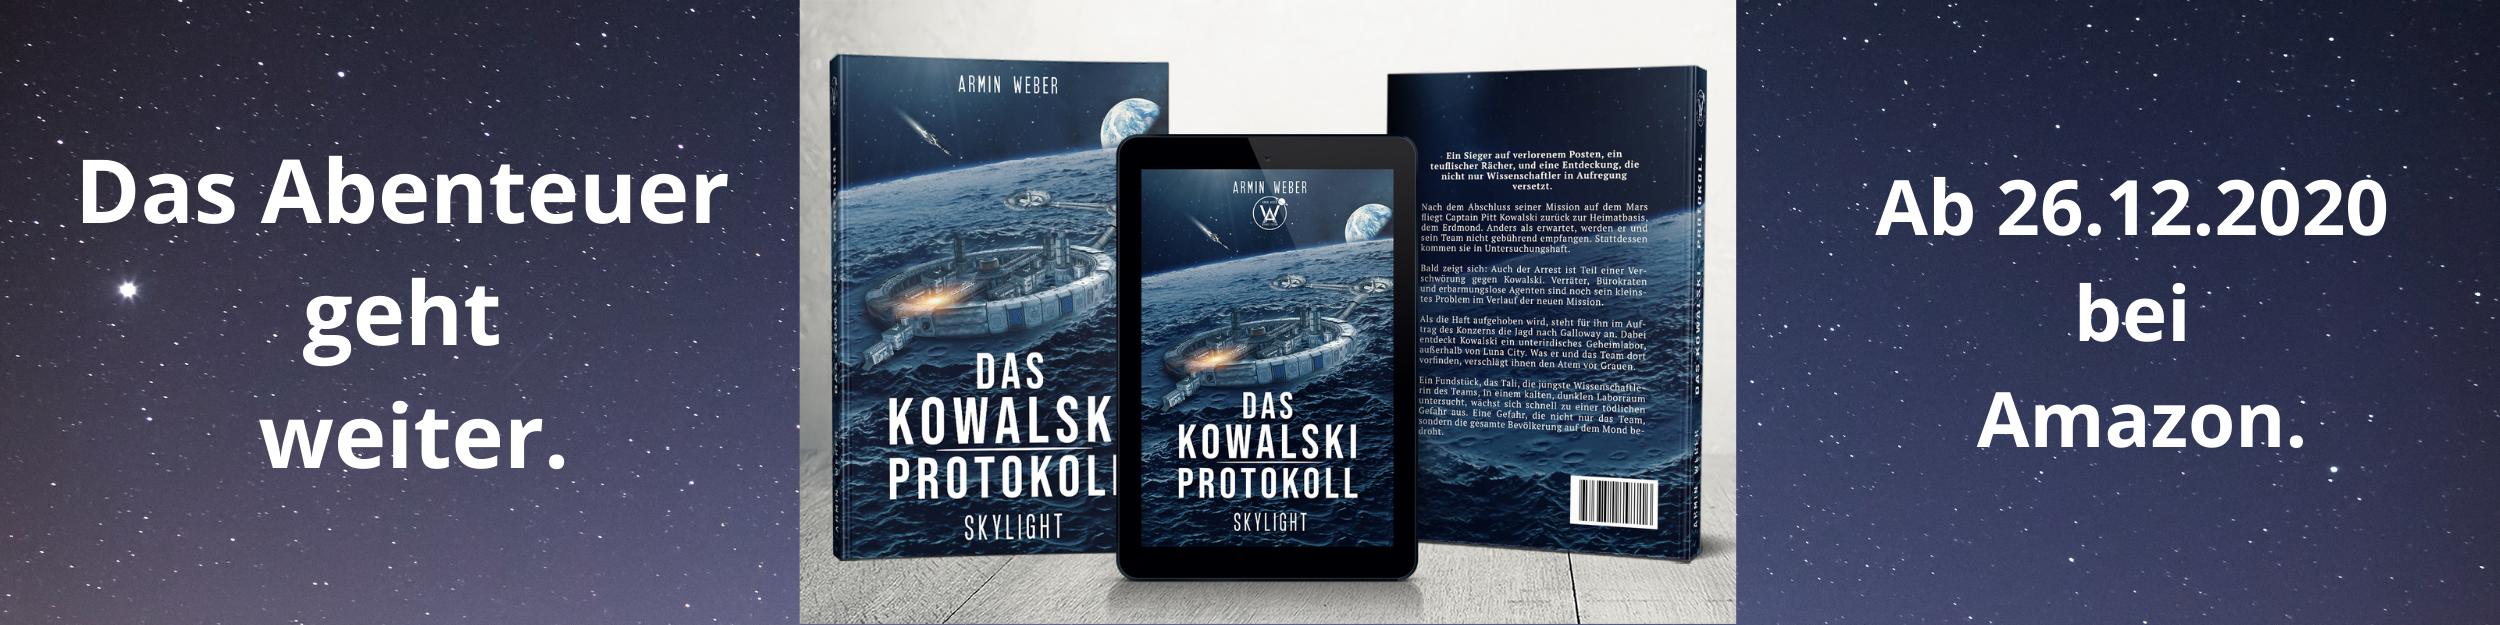 Science Fiction E-books und Bücher